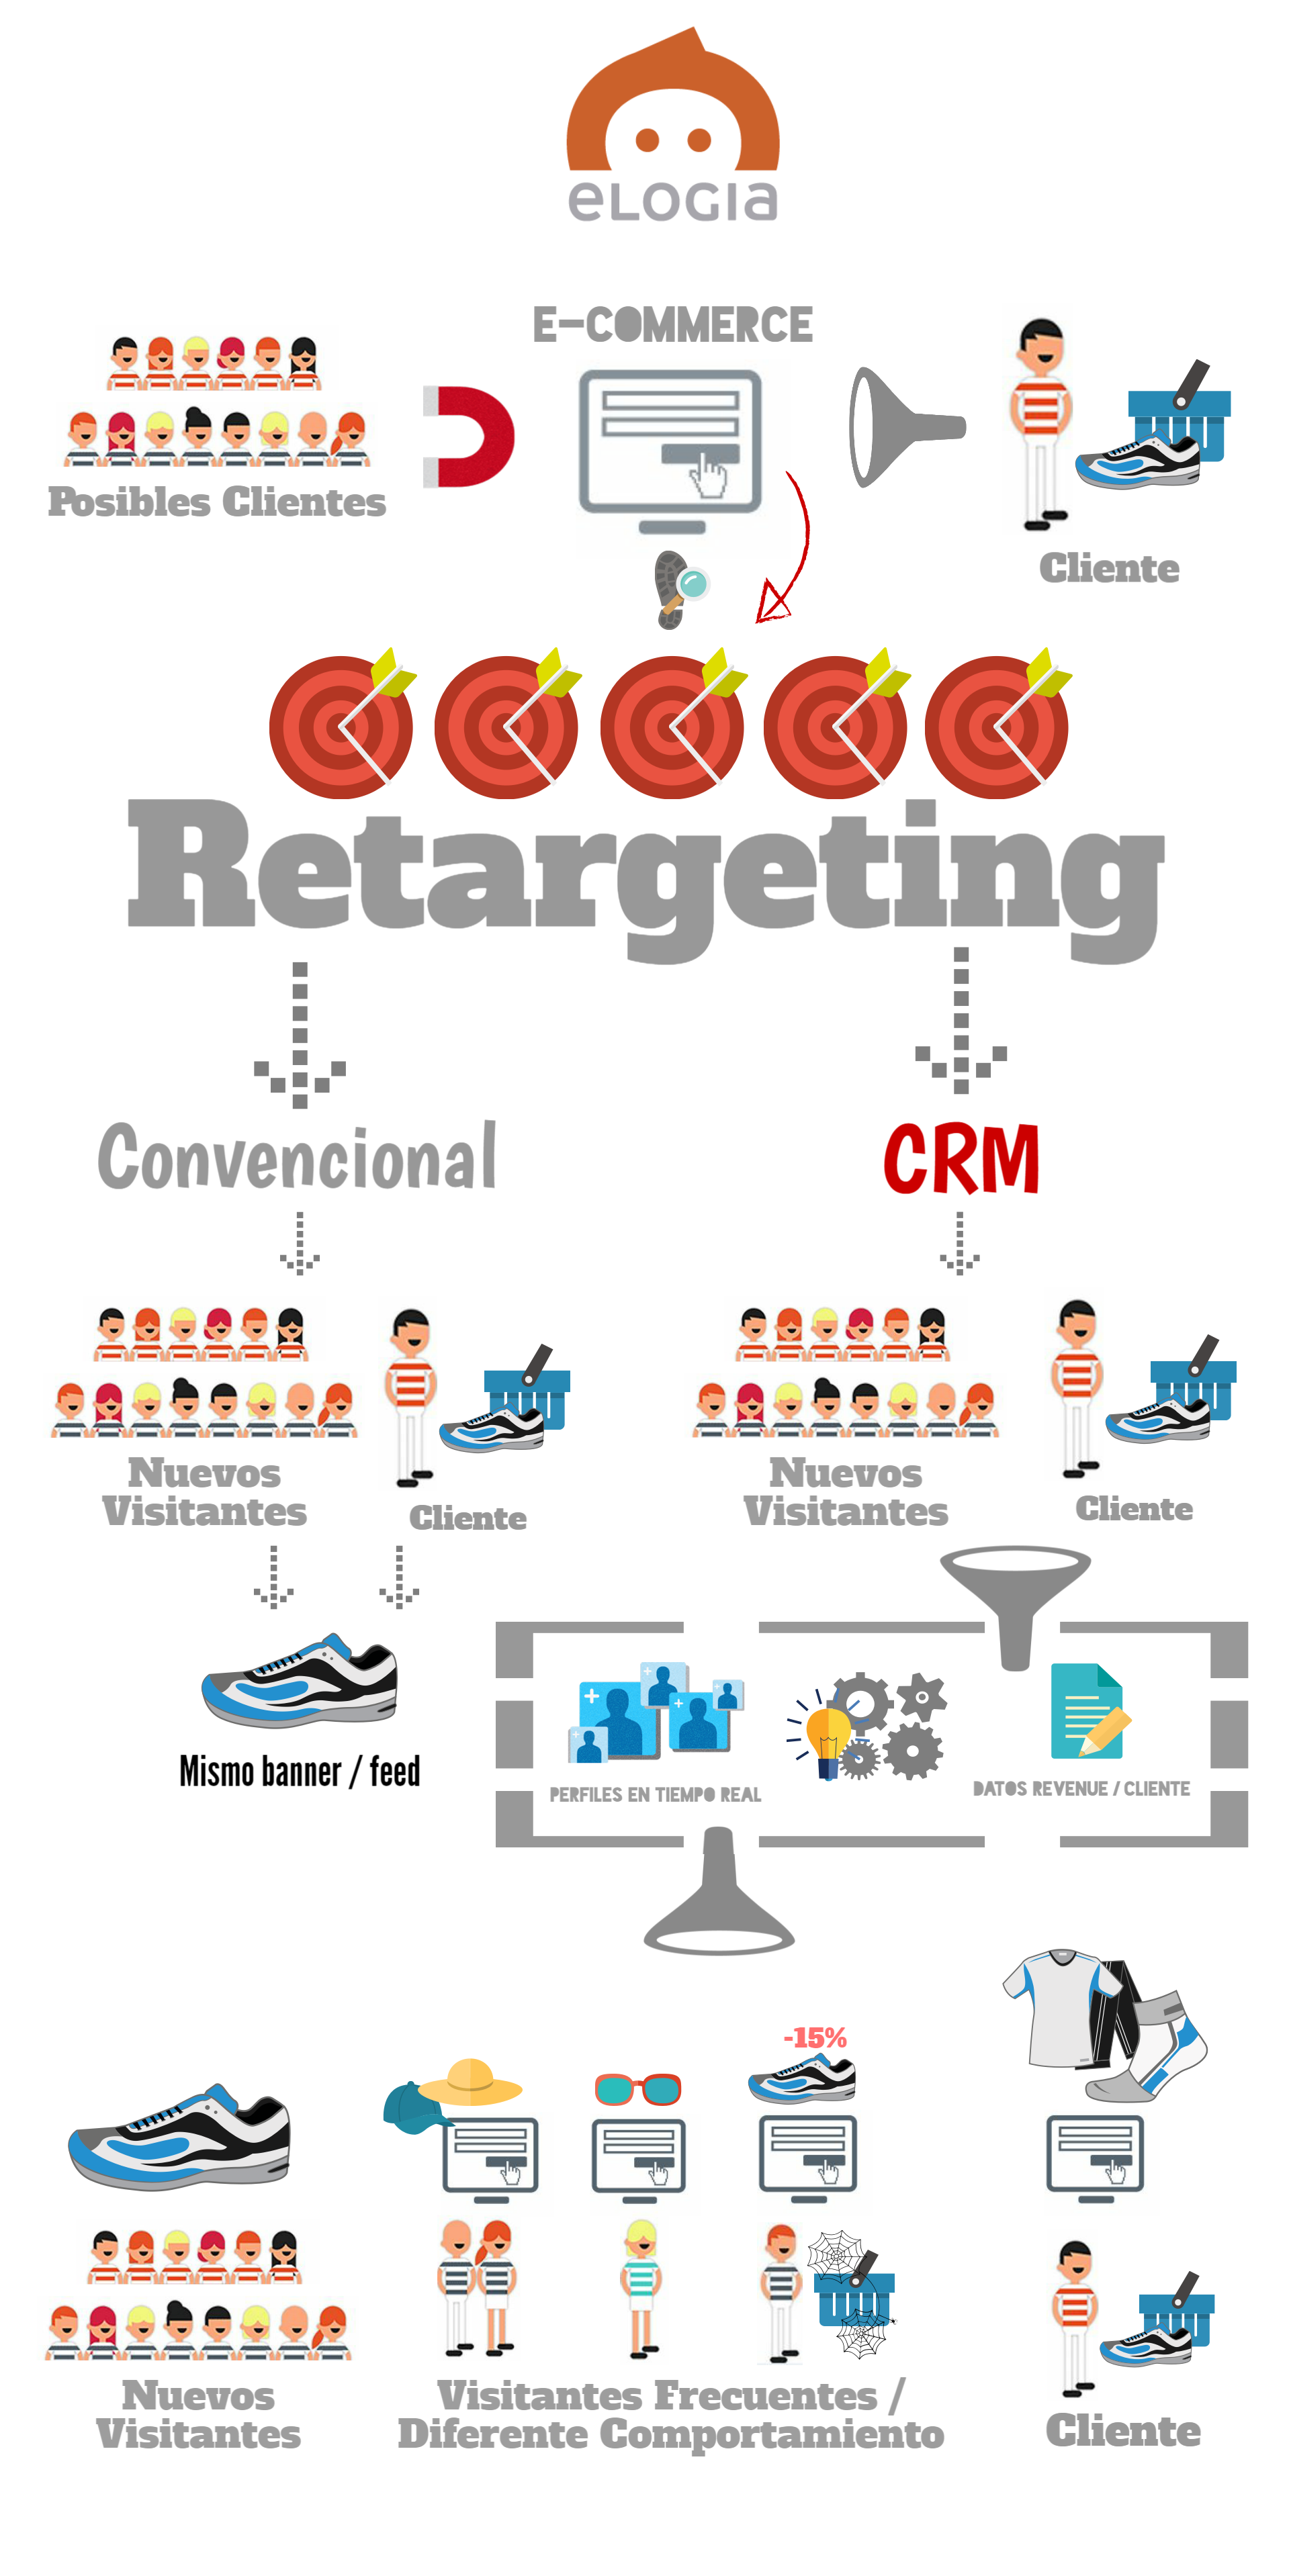 Infografia_CRM_Retargeting_Elogia.png